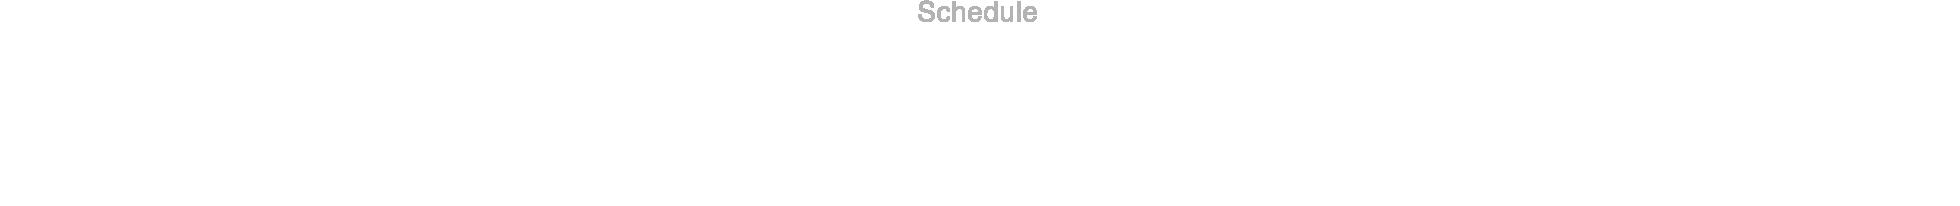 ドラゴンの1日 Schedule